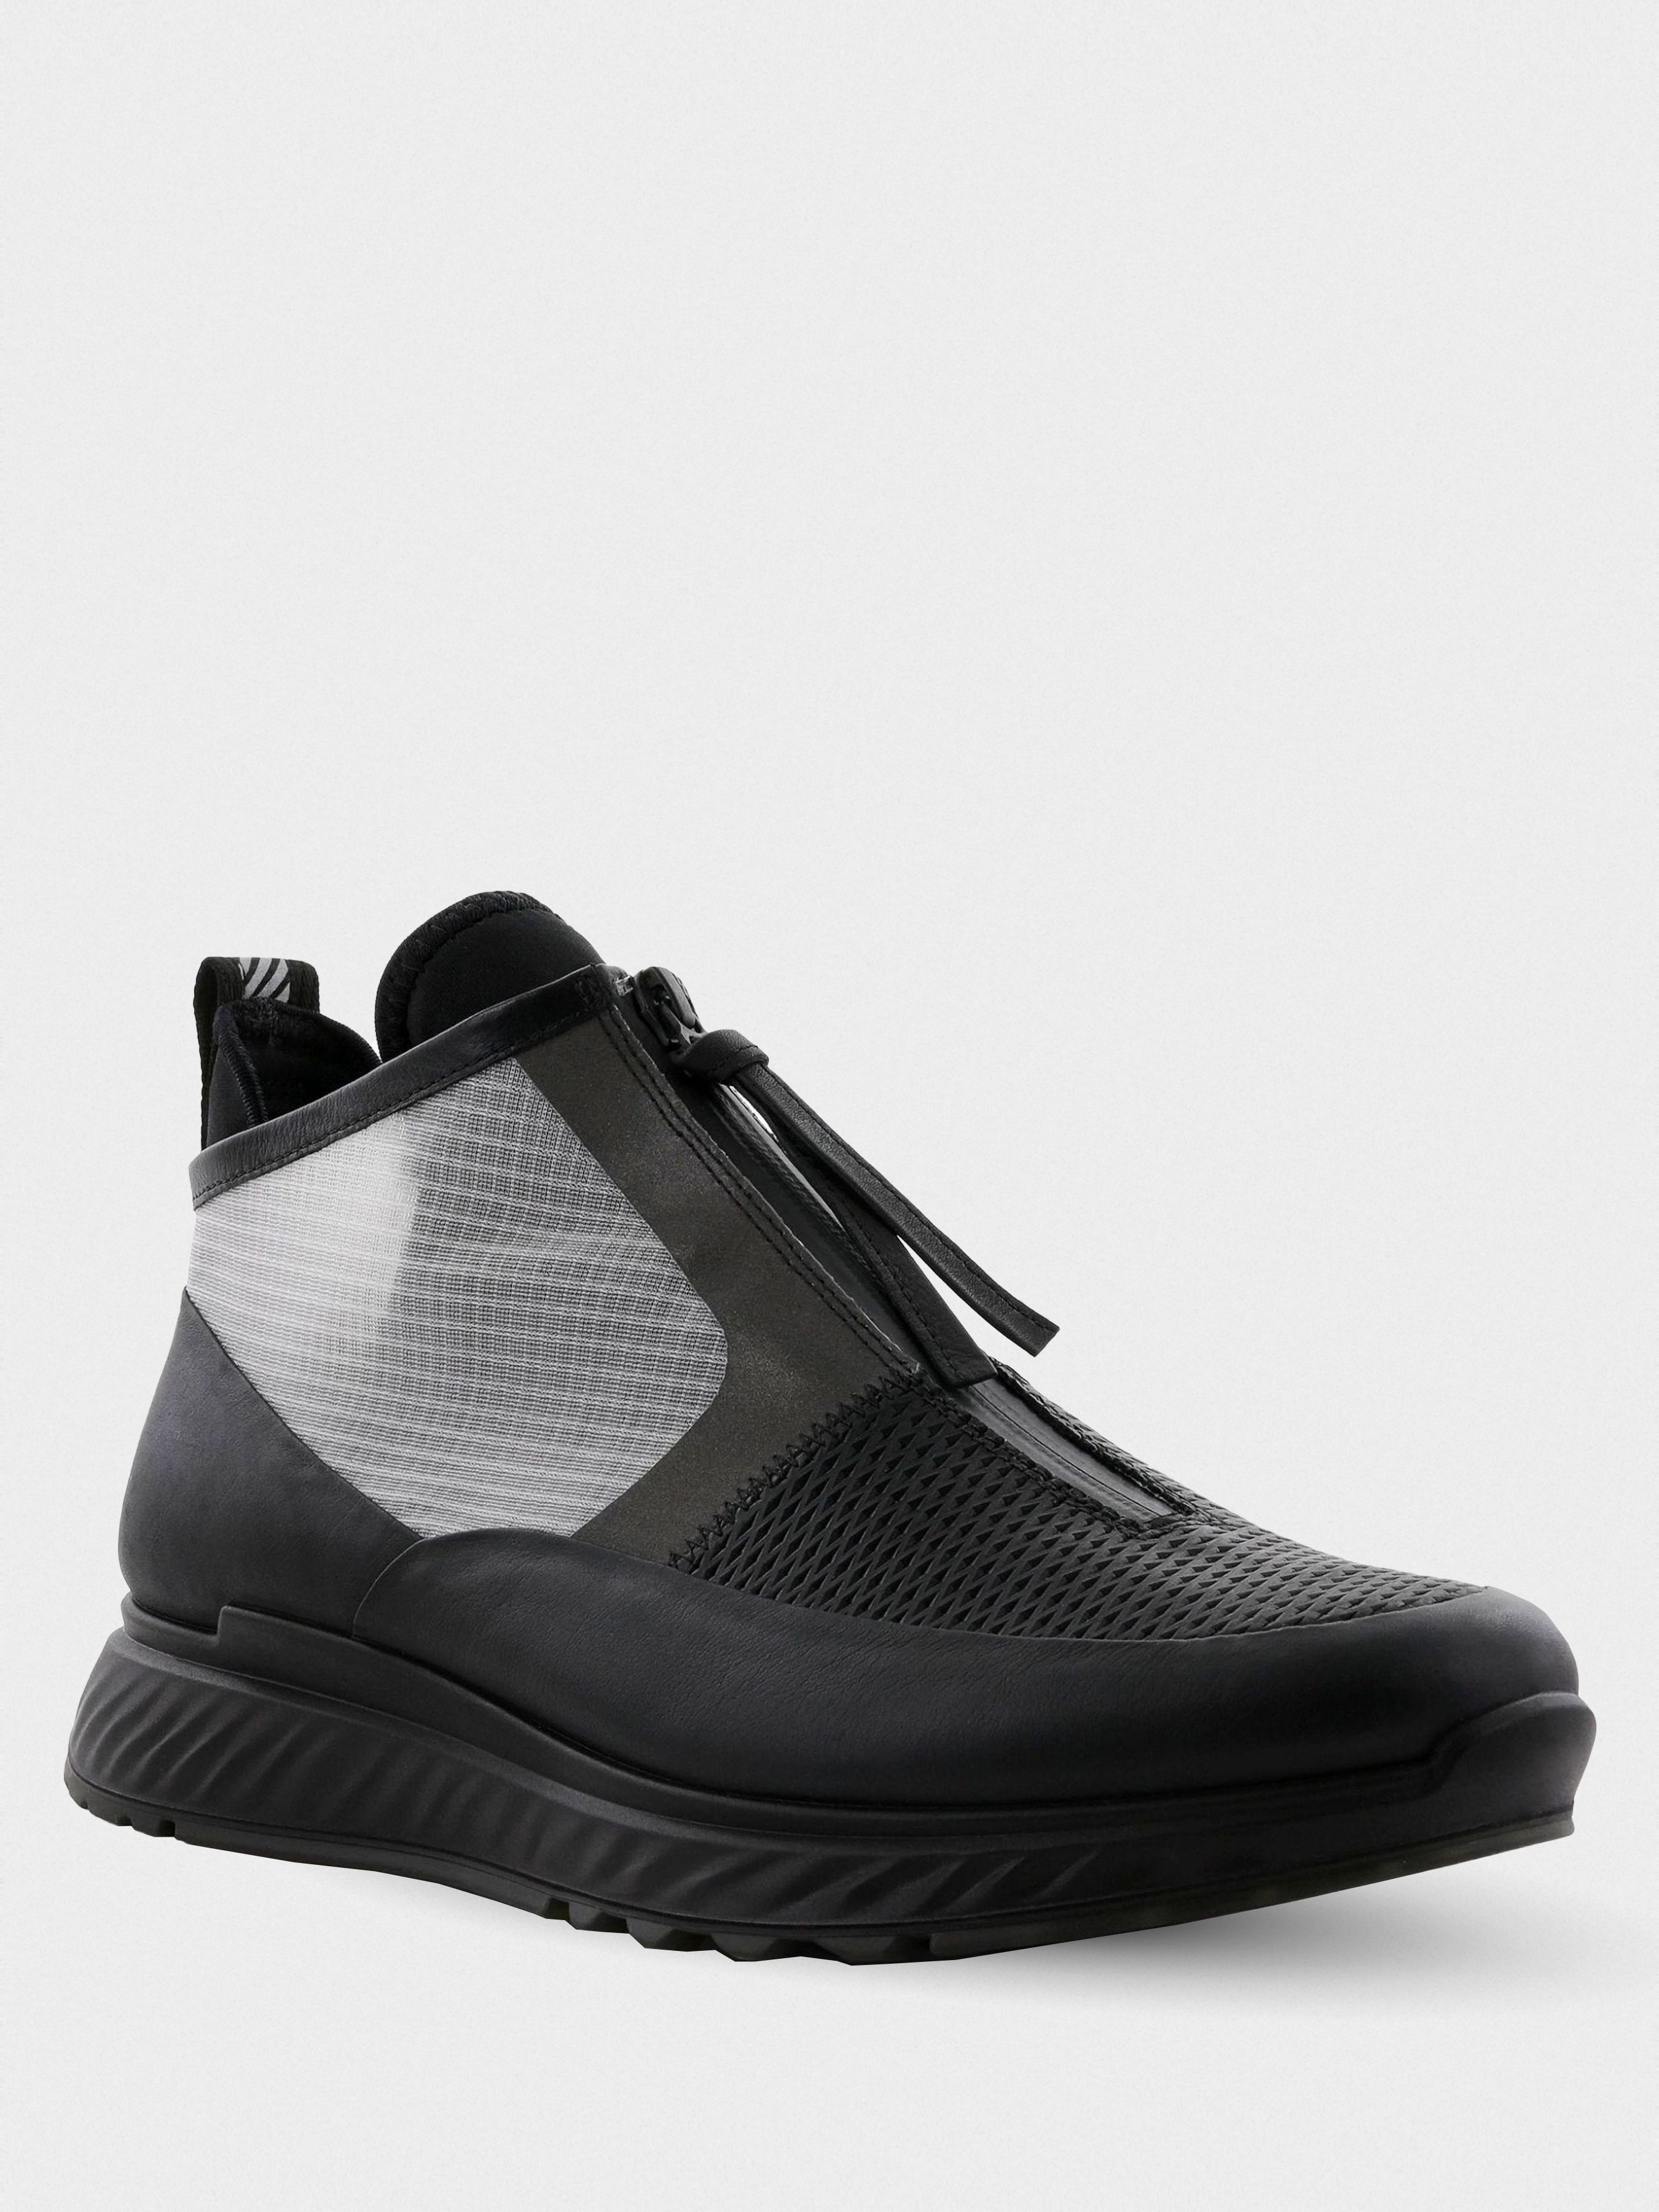 Купить Ботинки мужские ECCO ST.1 M ZM4339, Черный